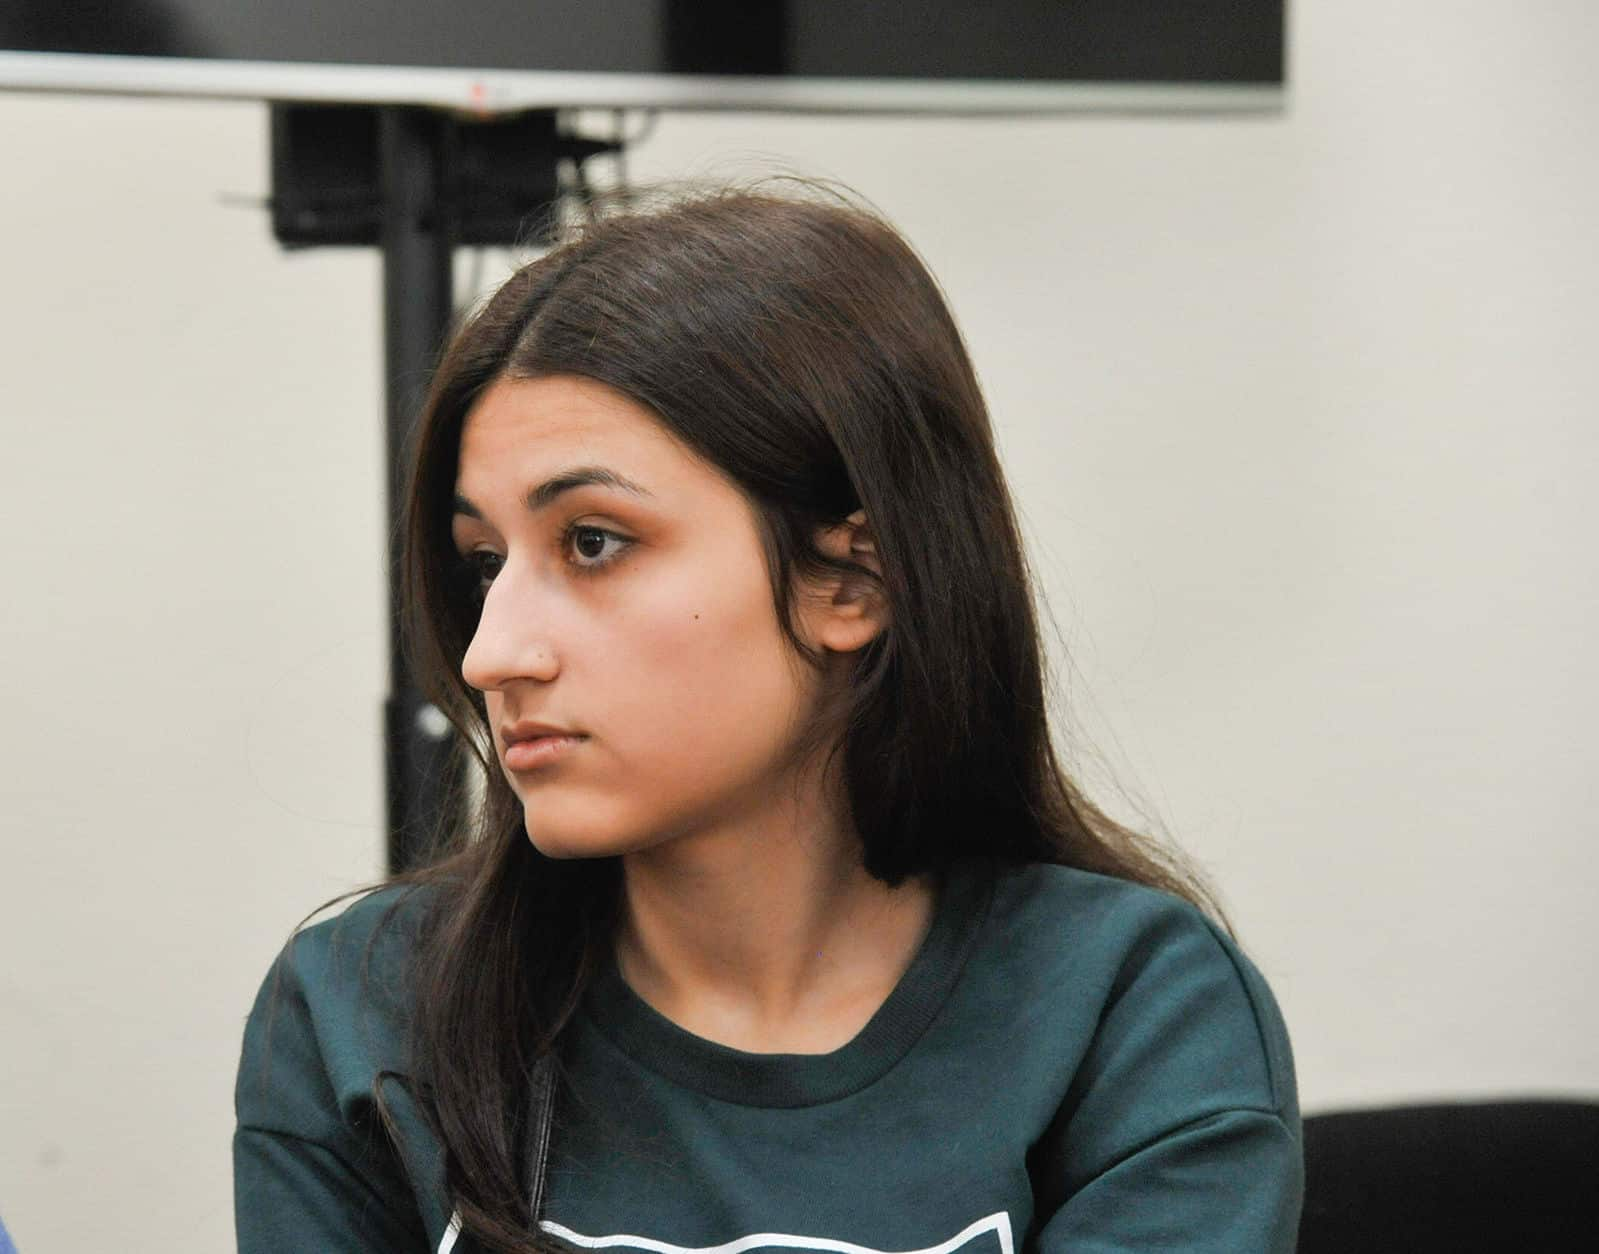 Сестрам Хачатурян продлили арест. Сколько сестер сейчас в тюрьме? Когда суд, что грозит, подробности расследования